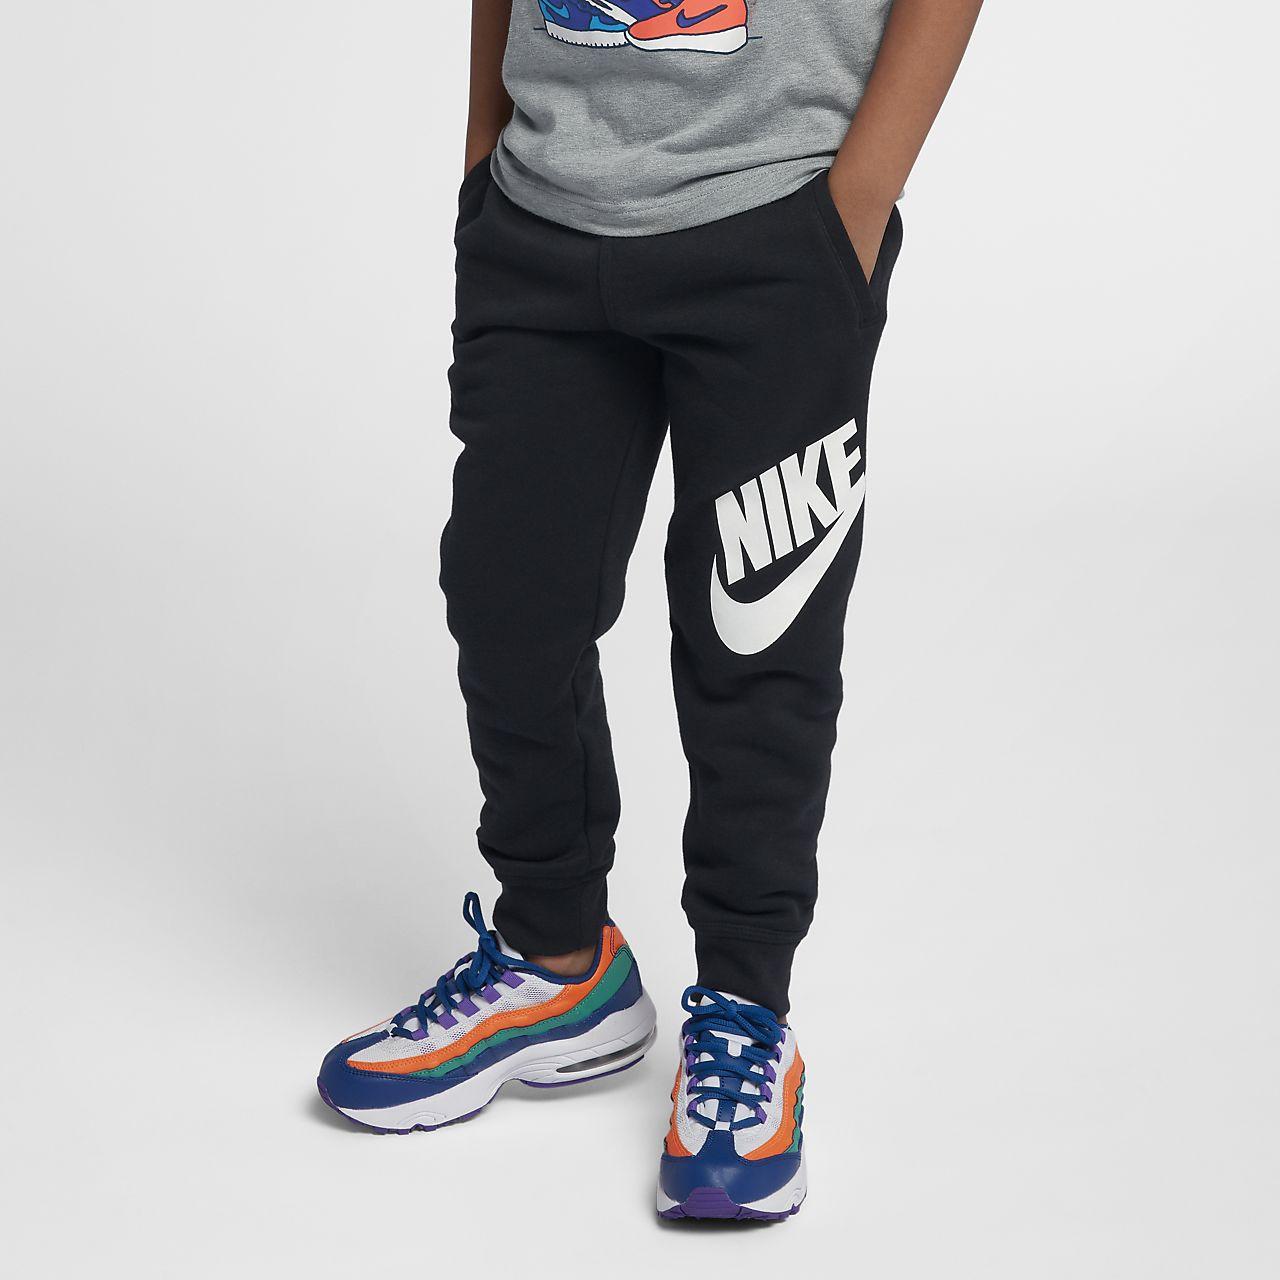 Nike Pantalón - Niño/a pequeño/a